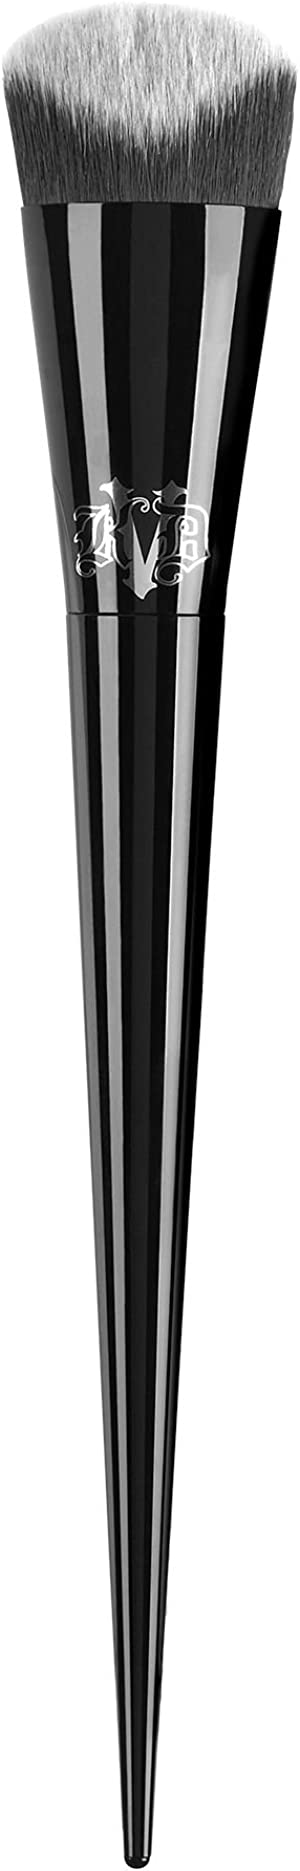 Kat Von D Edge Creme Contour Brush #5